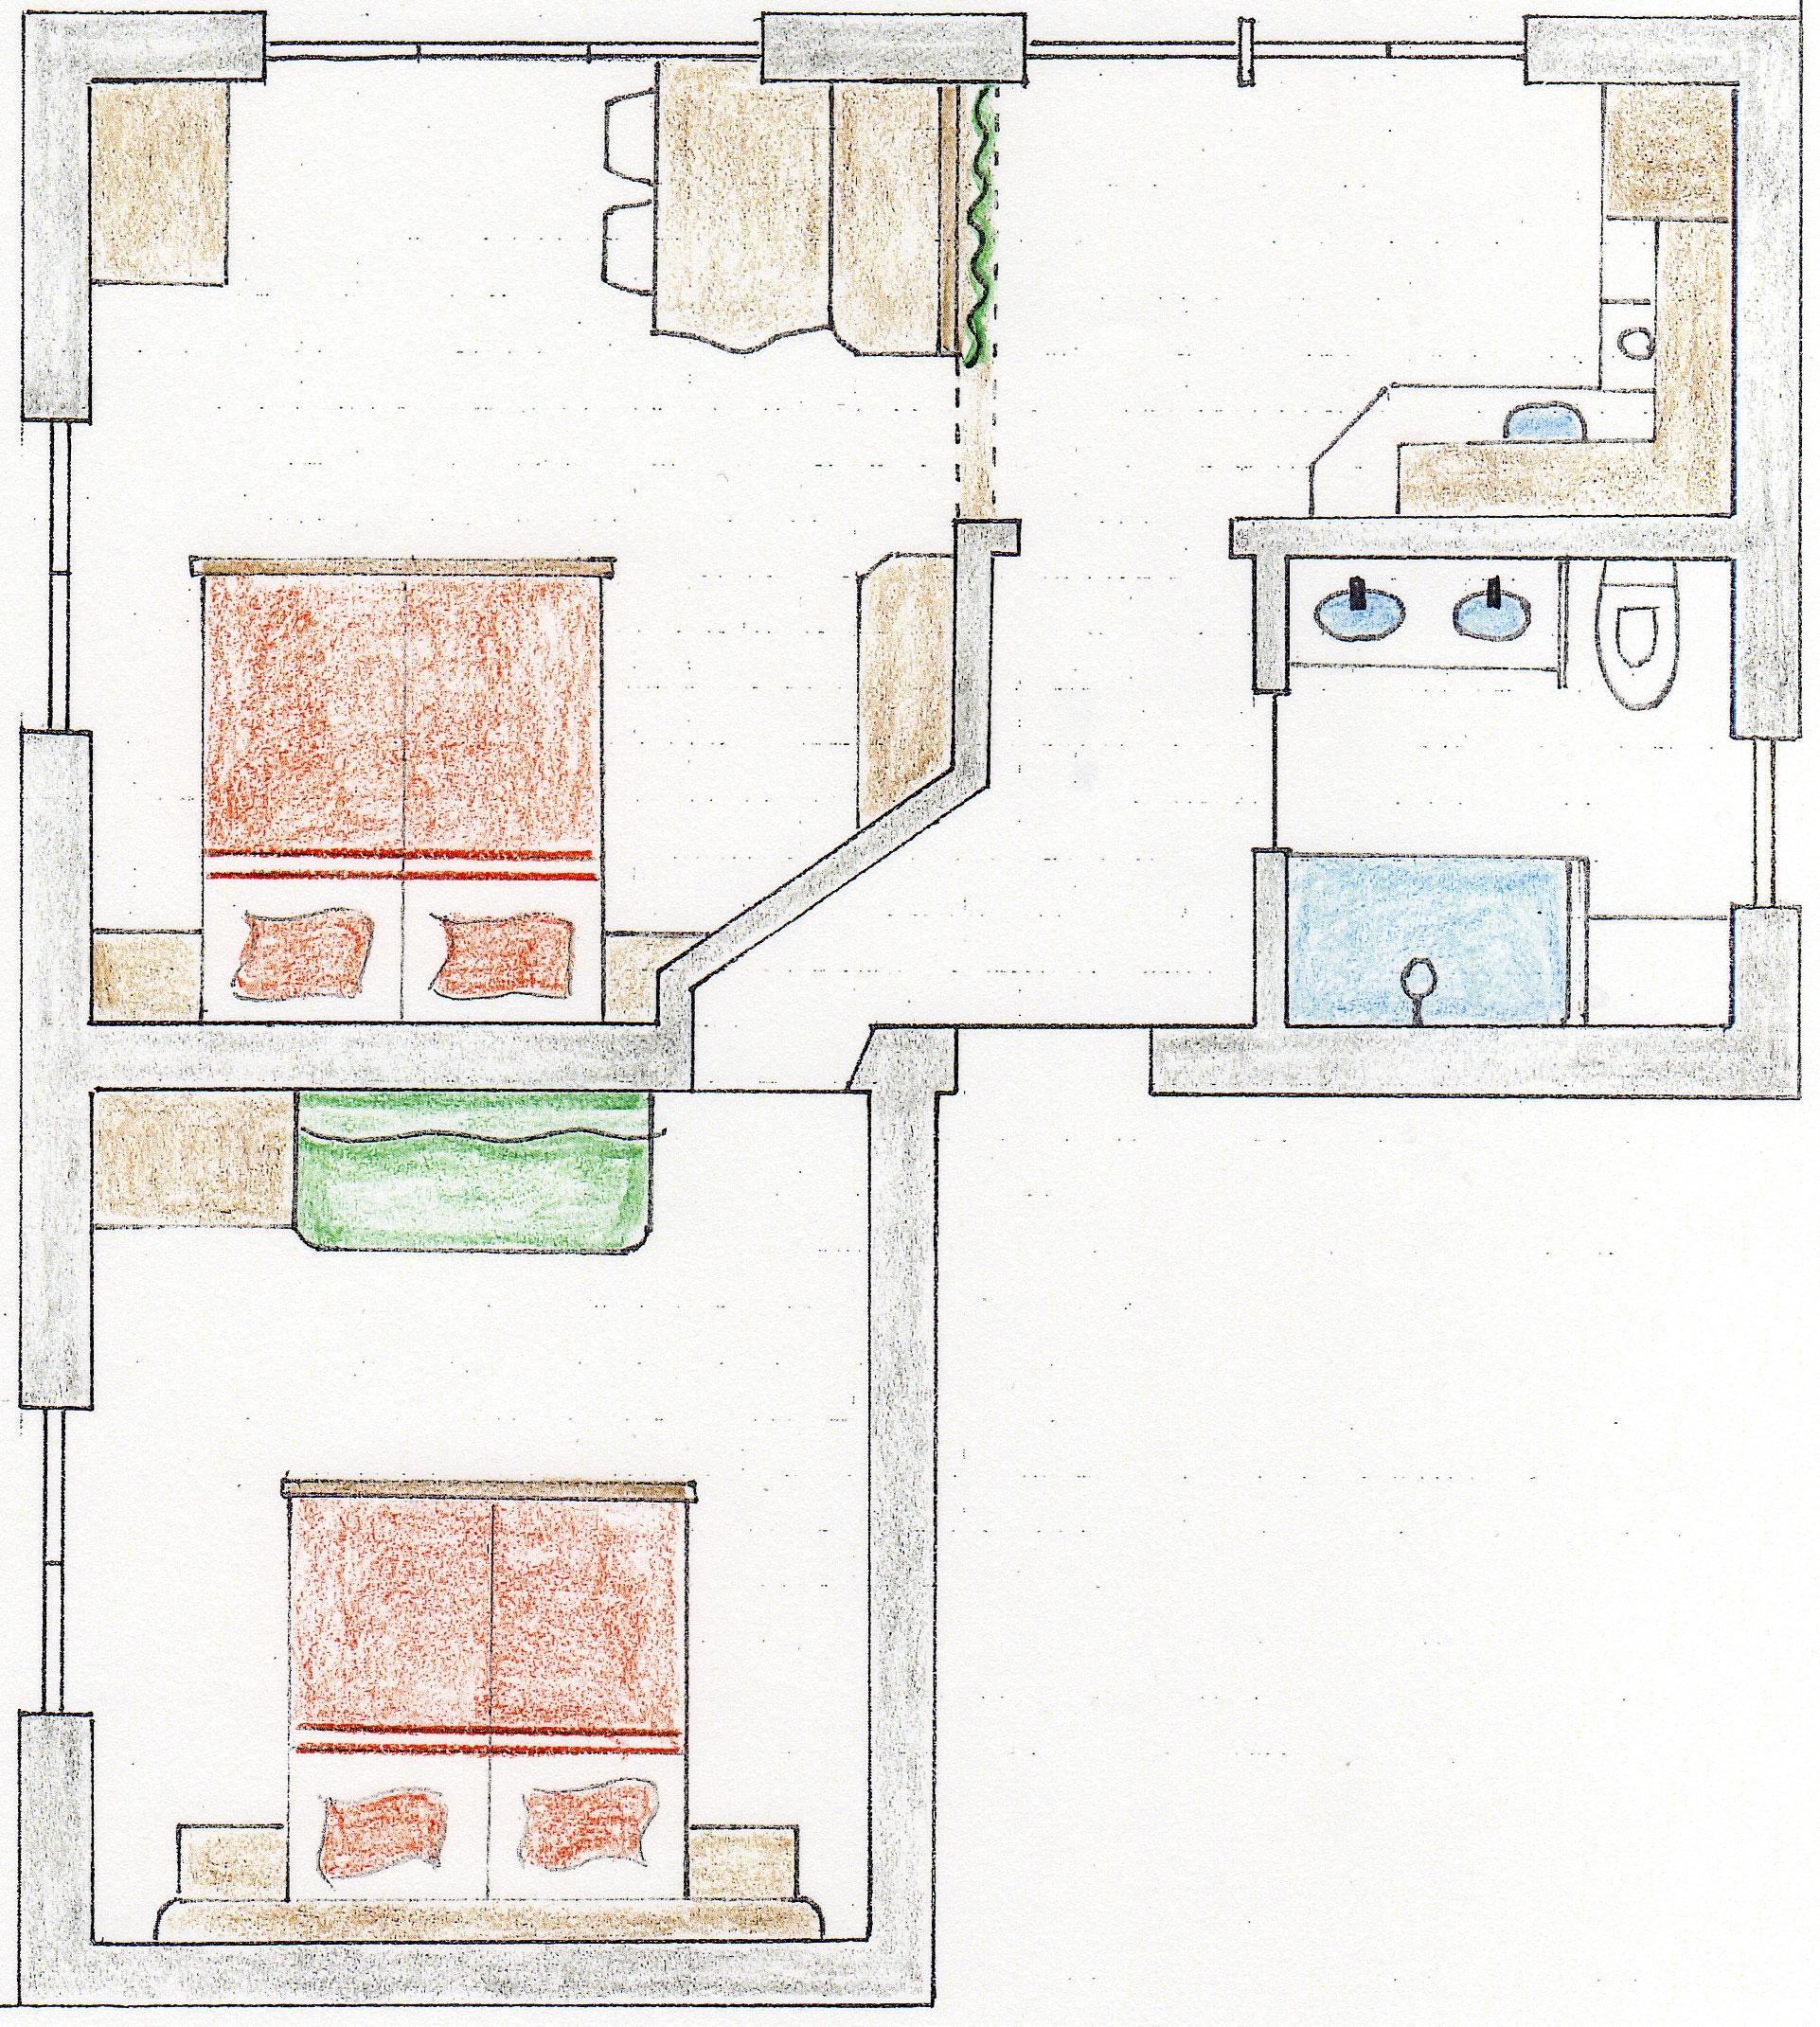 ferienwohnung iii f r 2 bis 4 personen im haus w ster in lech am arlberg. Black Bedroom Furniture Sets. Home Design Ideas